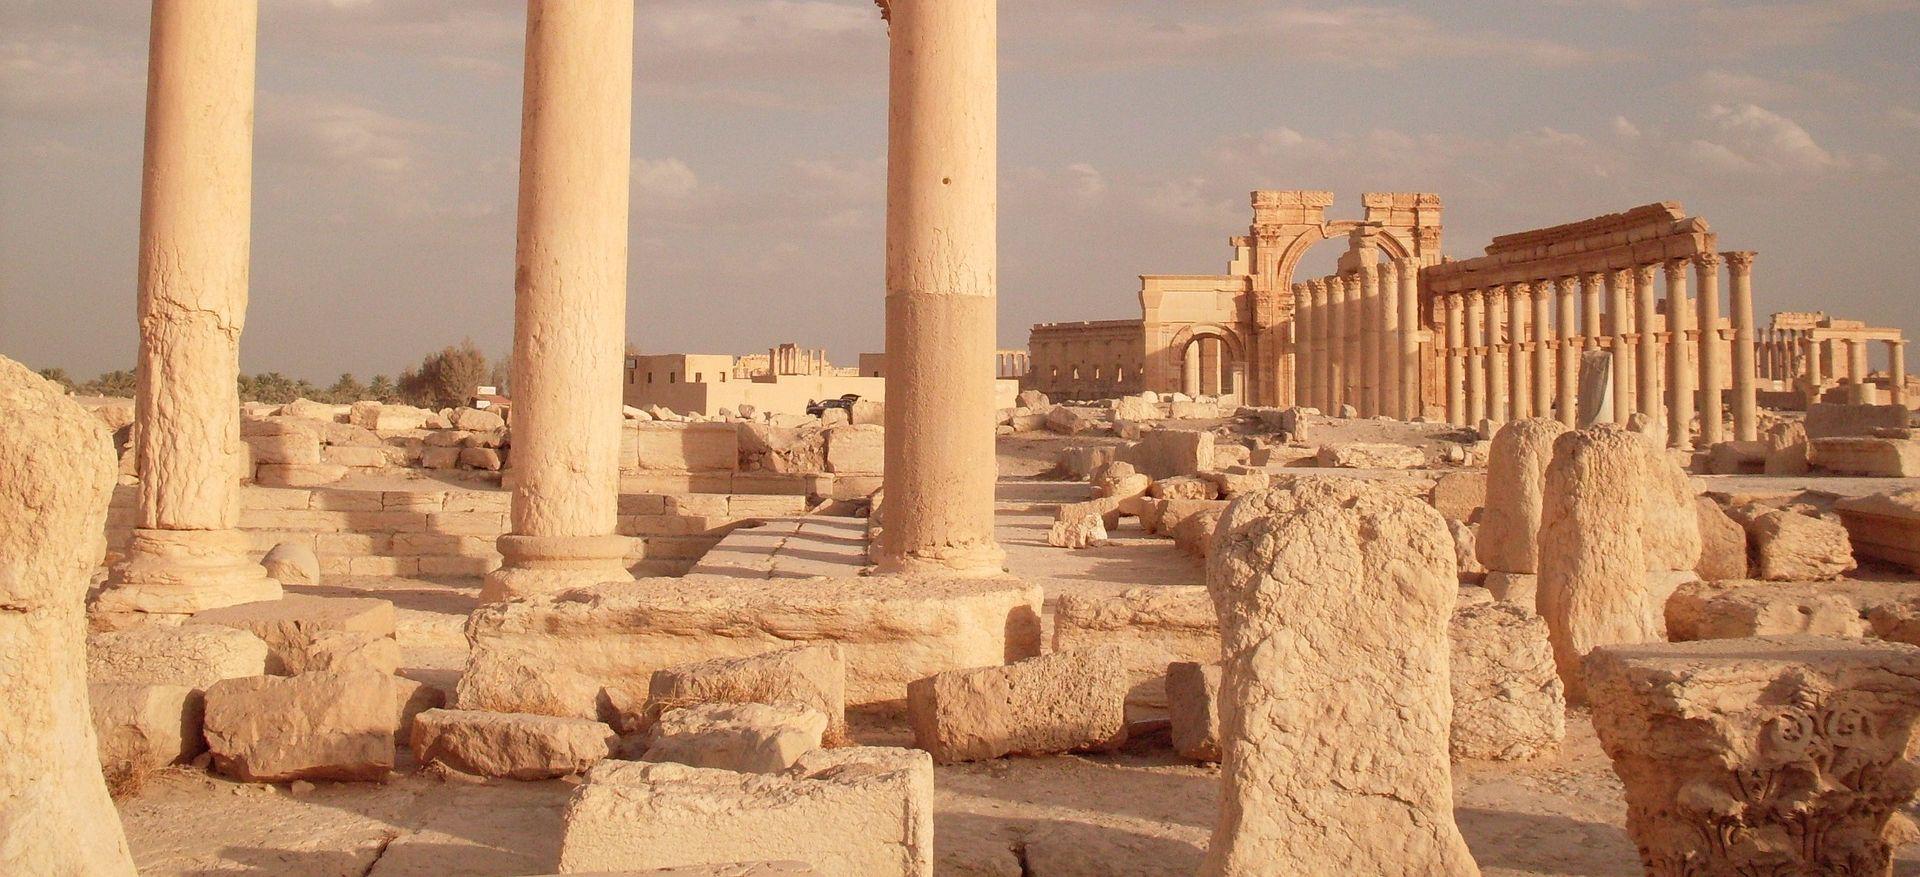 FELJTON Grad bogova čija je religijska sloboda smetala islamistima